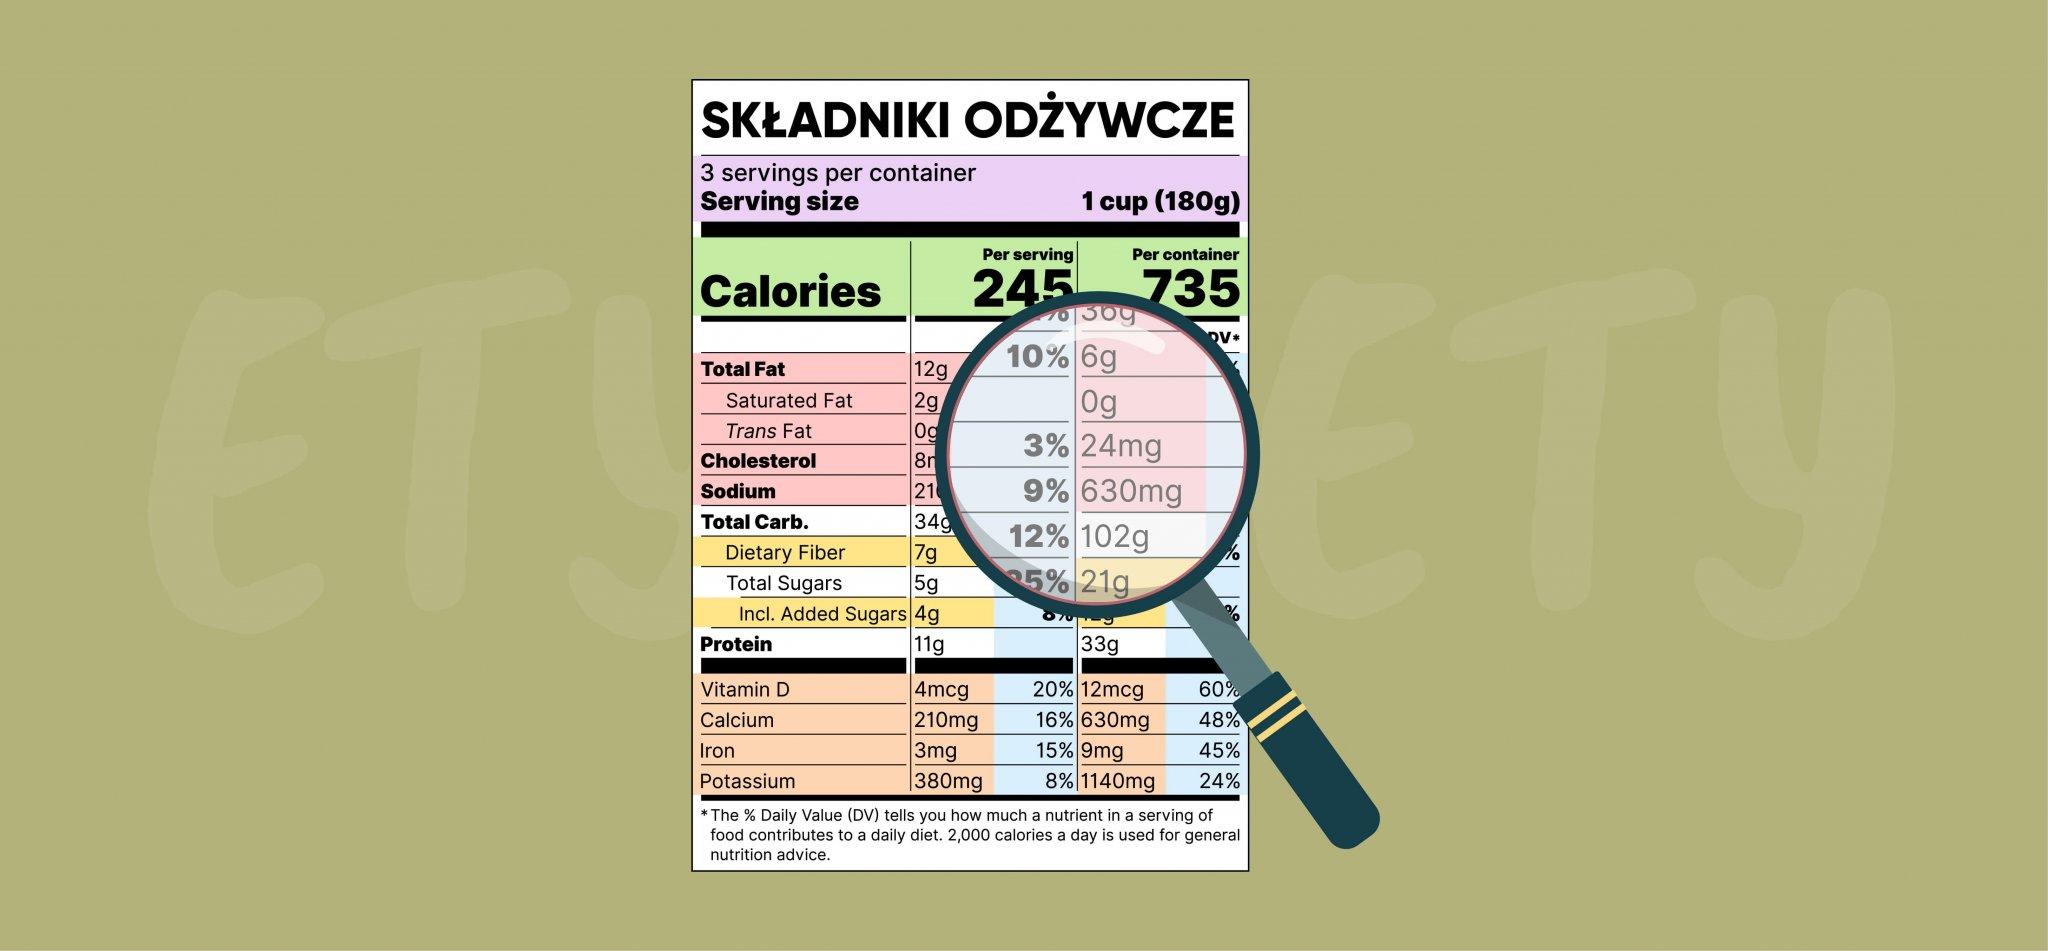 Etykiety na produktach – jak czytać, najważniejsze informacje